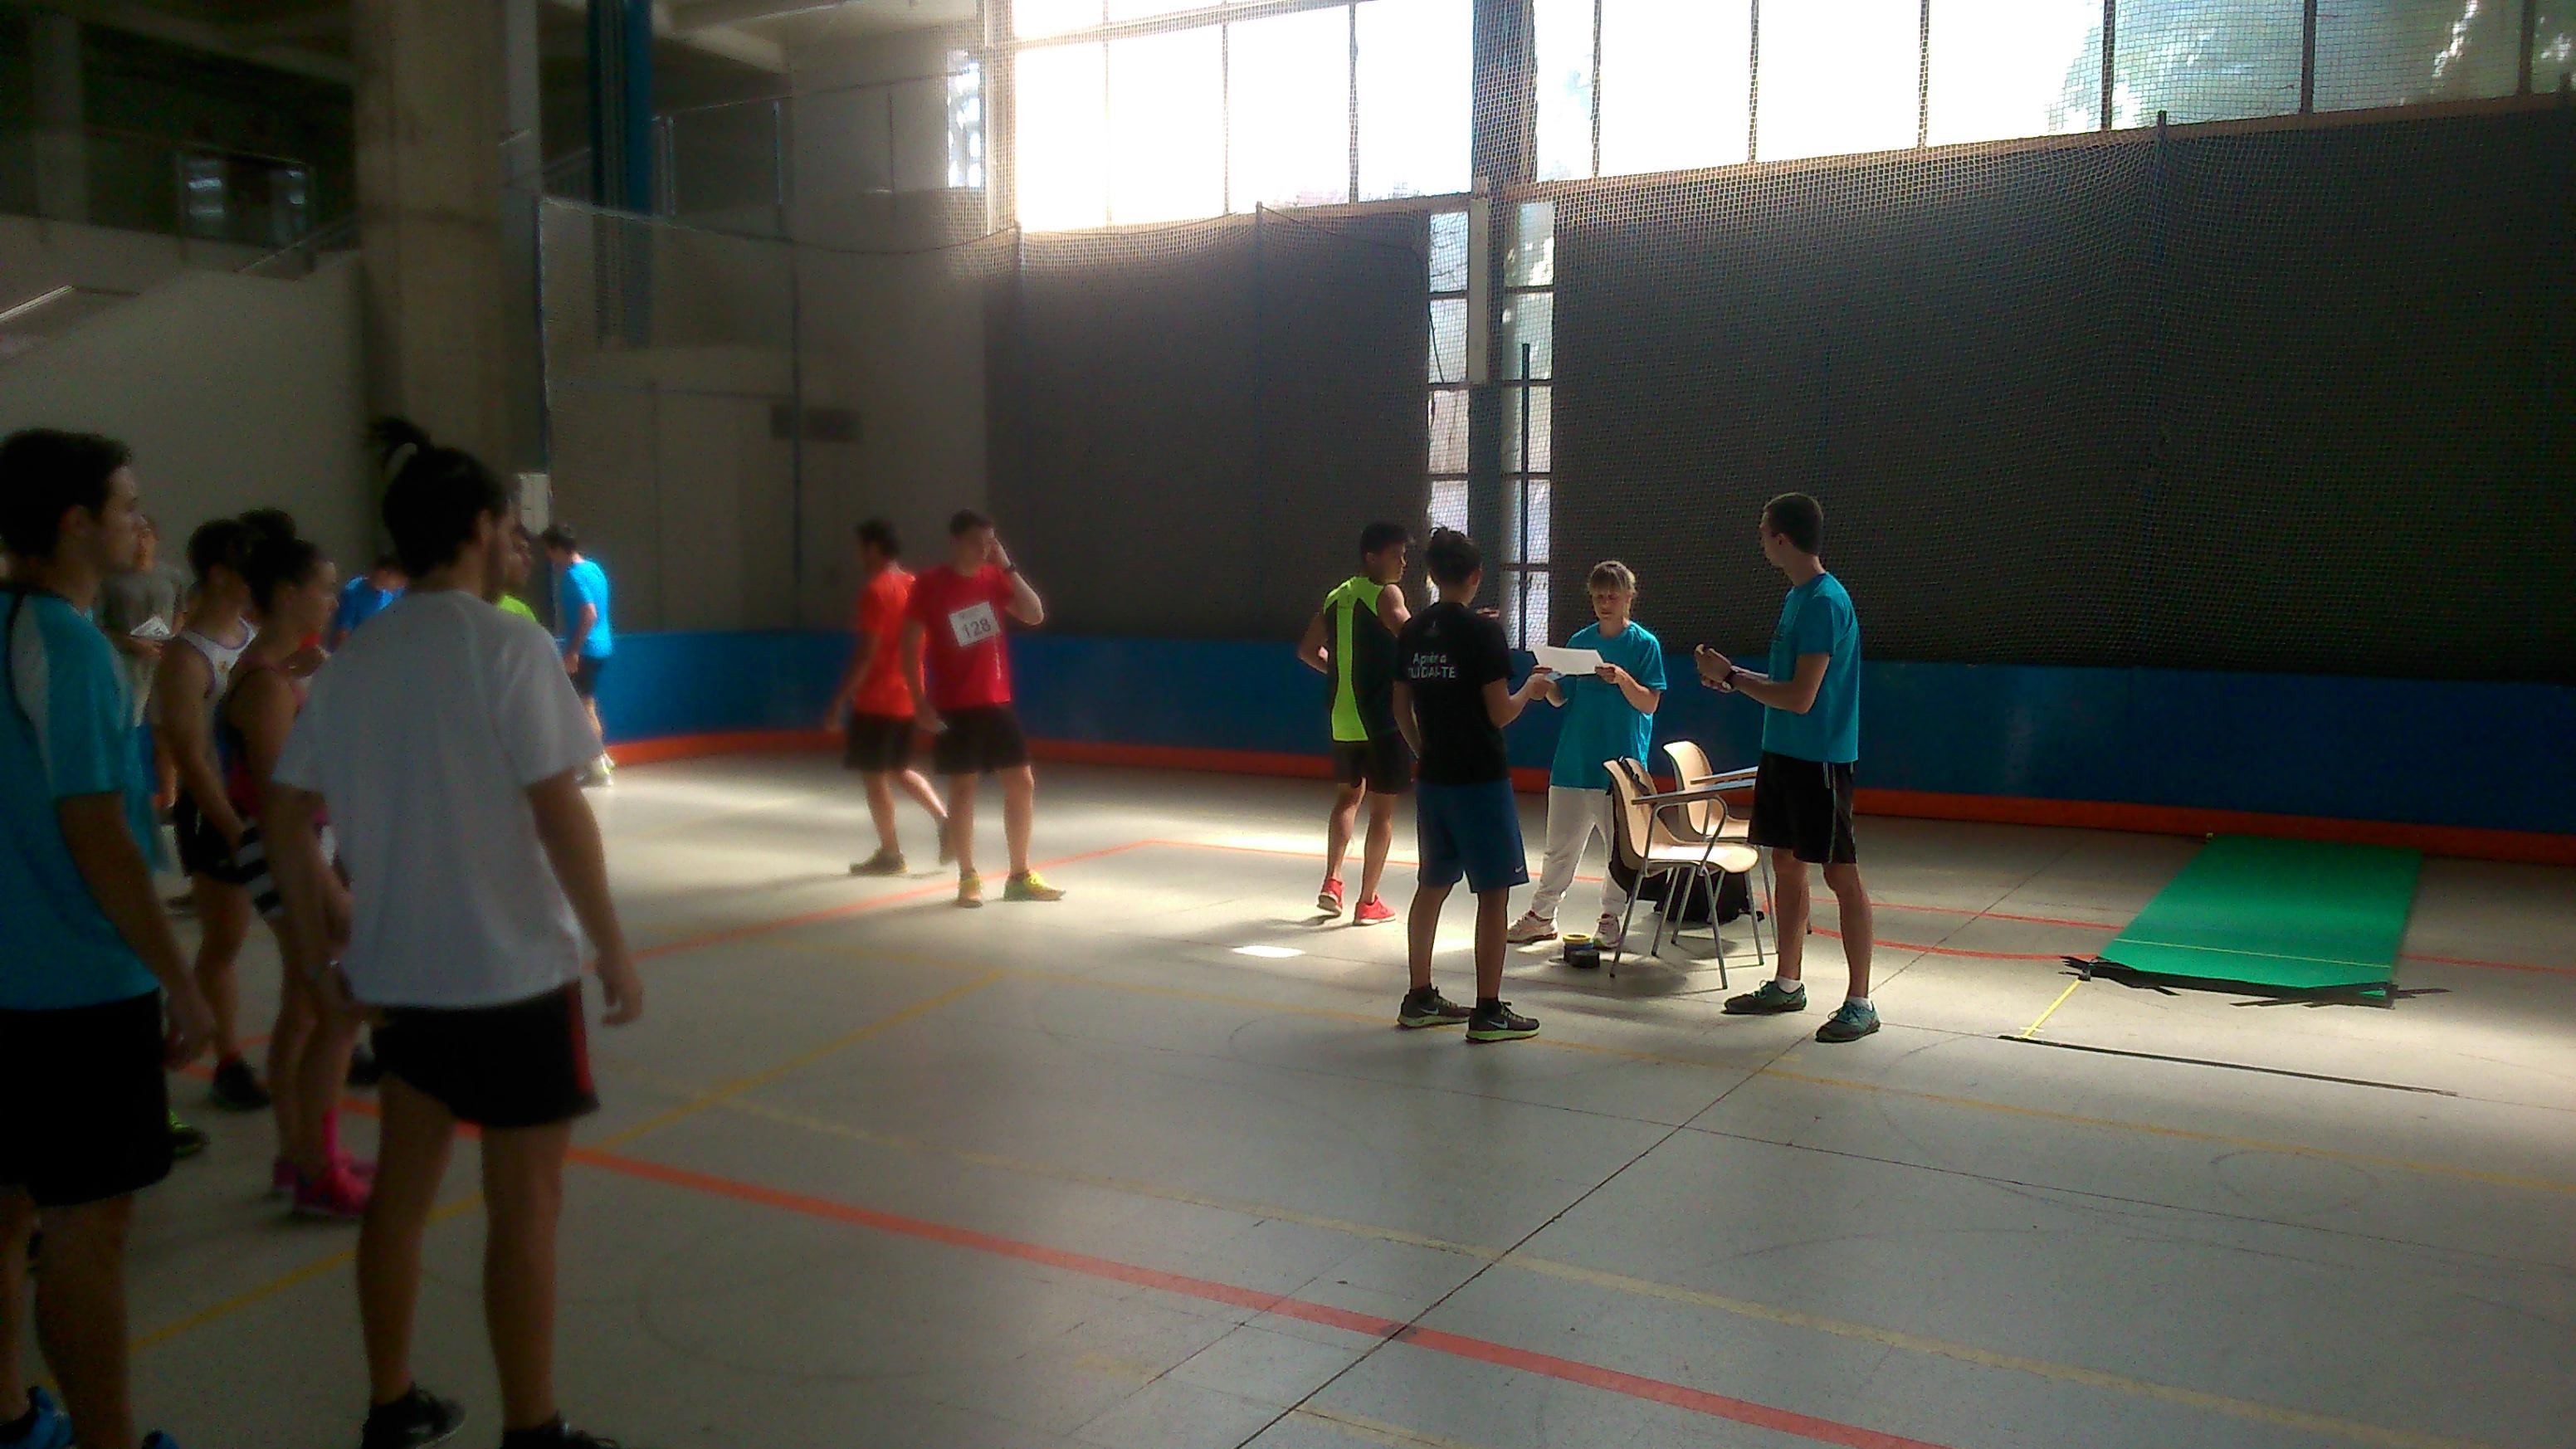 EUSES-UdG realitza les Proves d'Aptitud Personal a la zona esportiva municipal de Salt